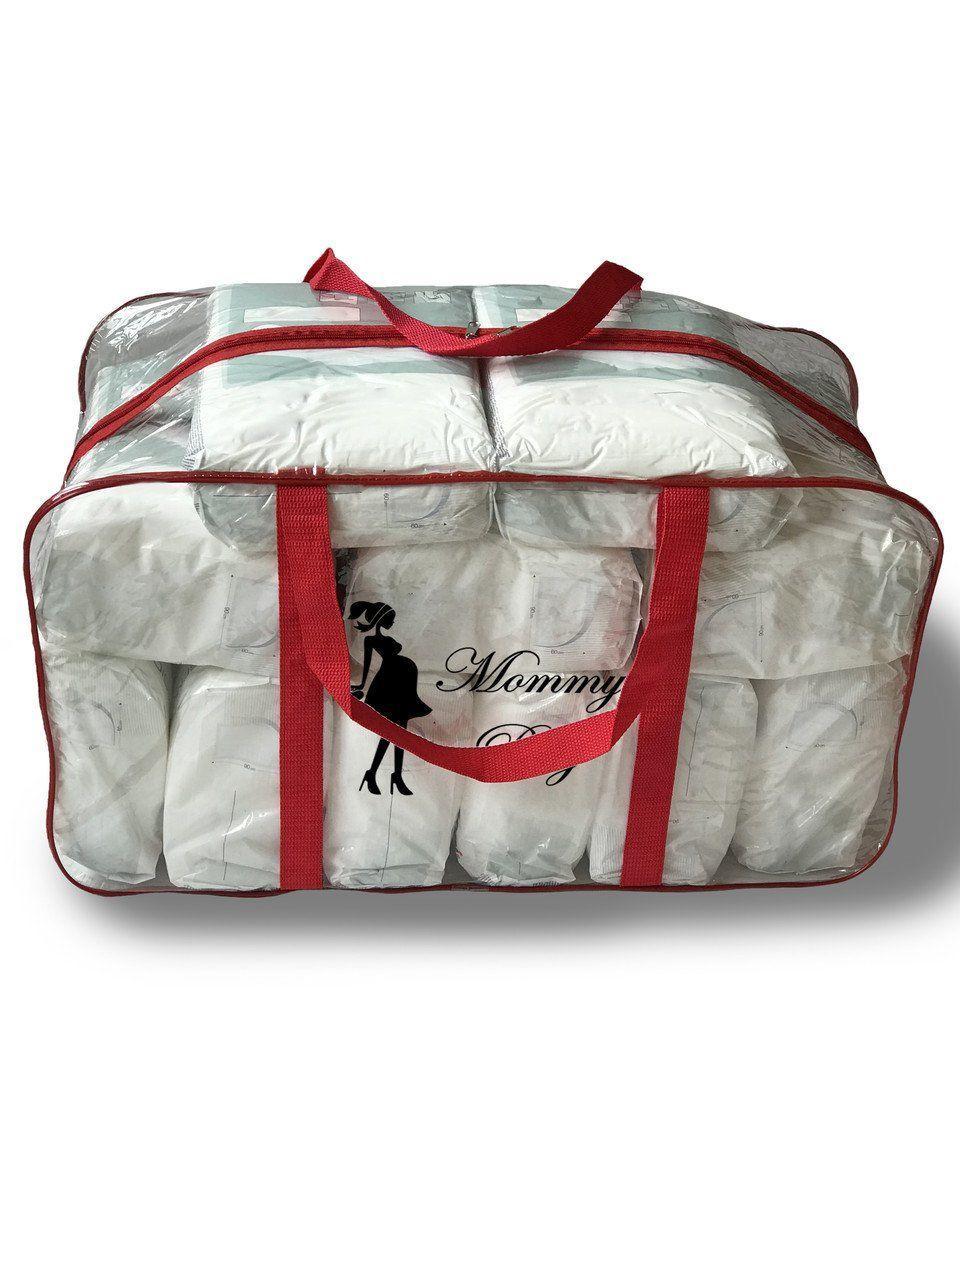 Сумка прозрачная в роддом Mommy Bag, размер - XL, цвет - Красный